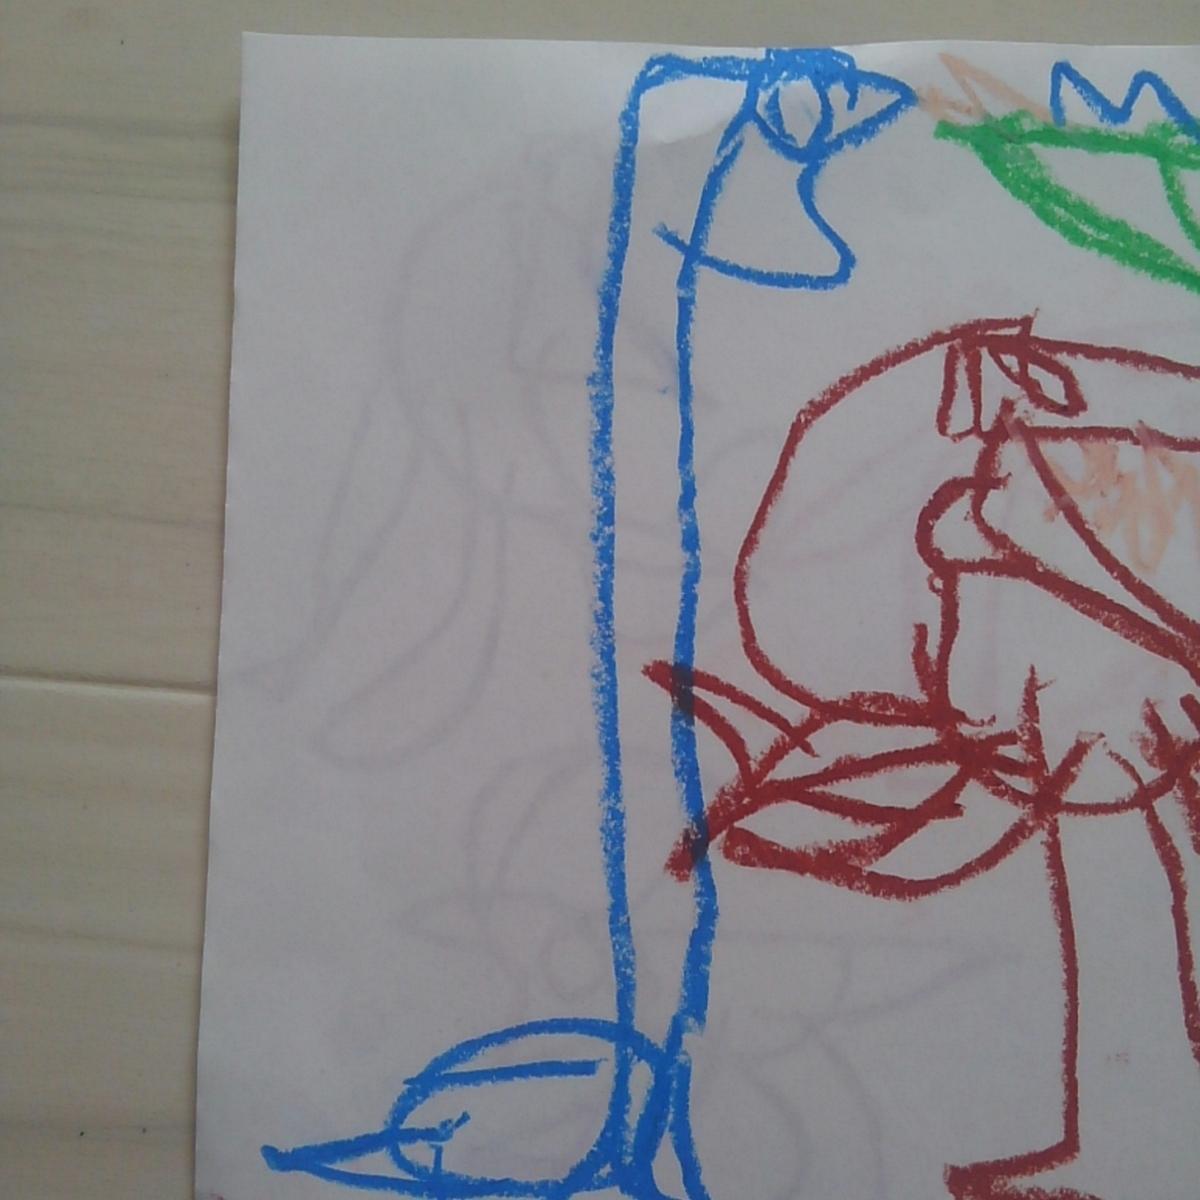 ブラキオサウルス こどもの絵 恐竜